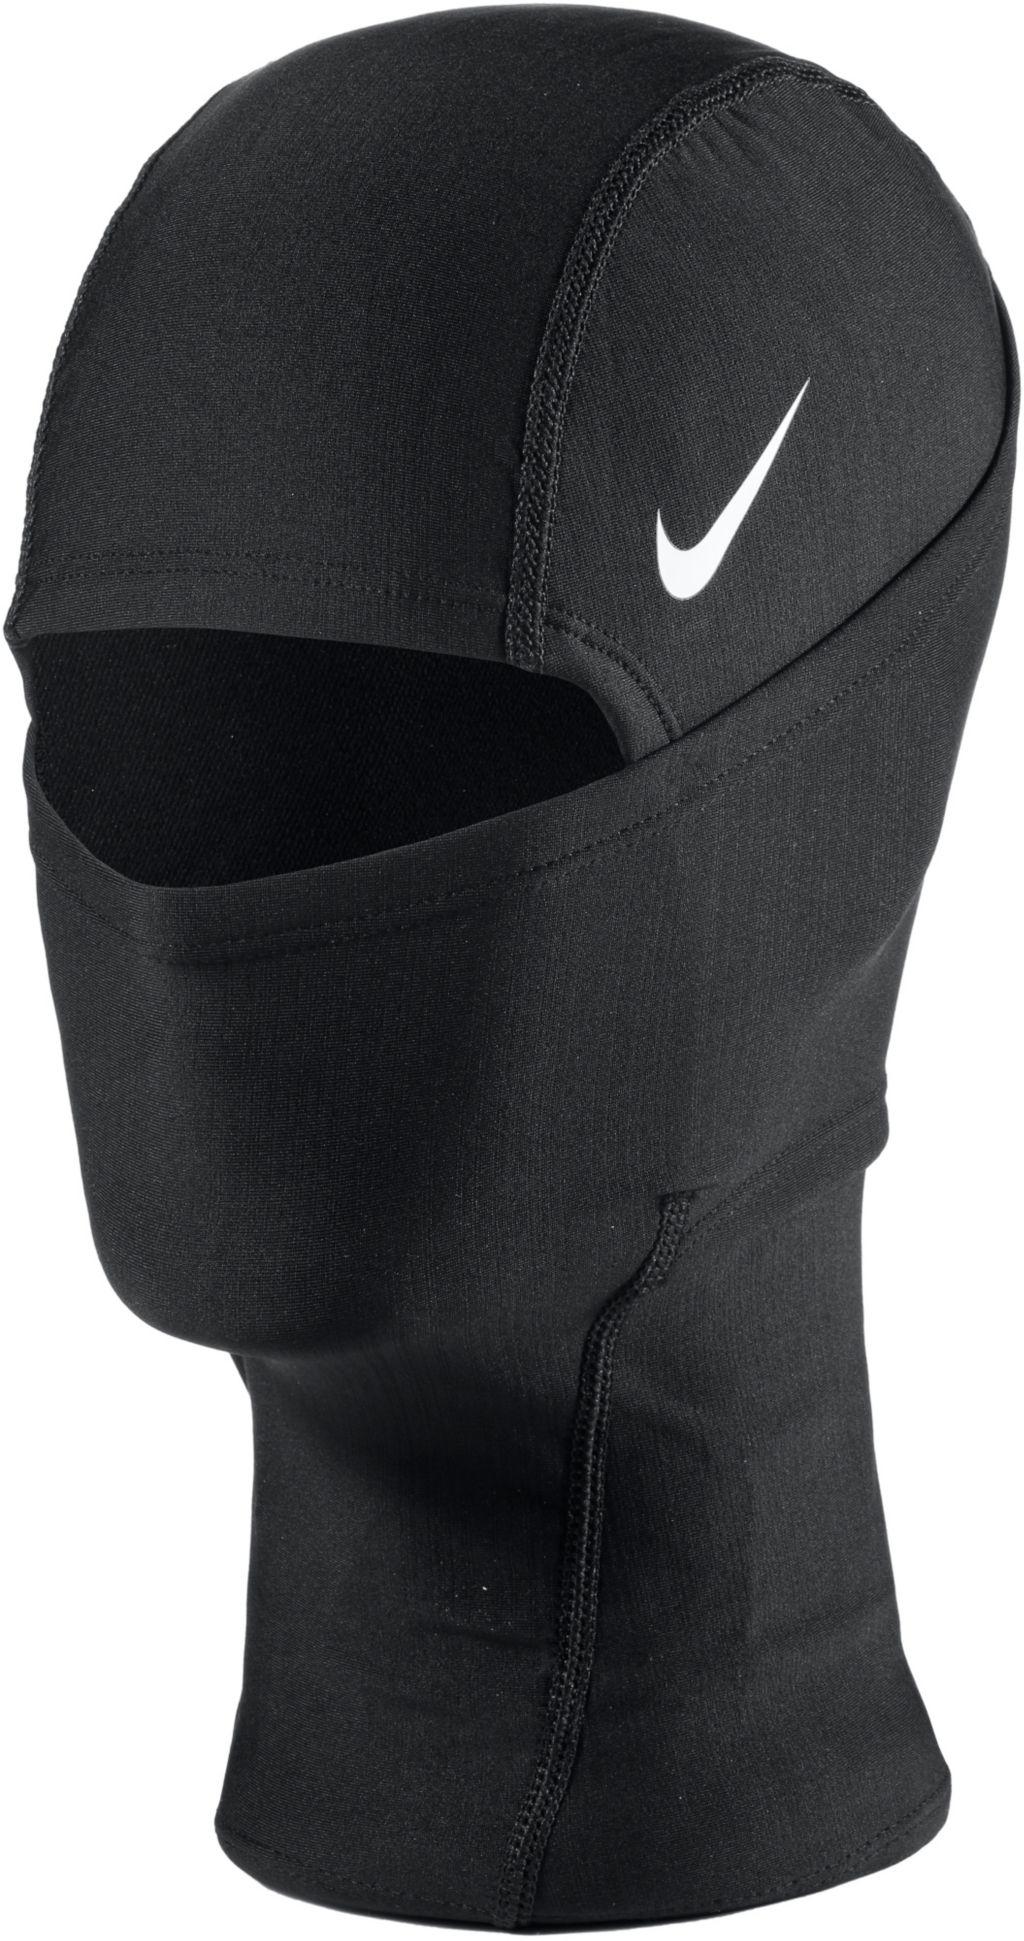 Hyperwarm Laufmütze in schwarz